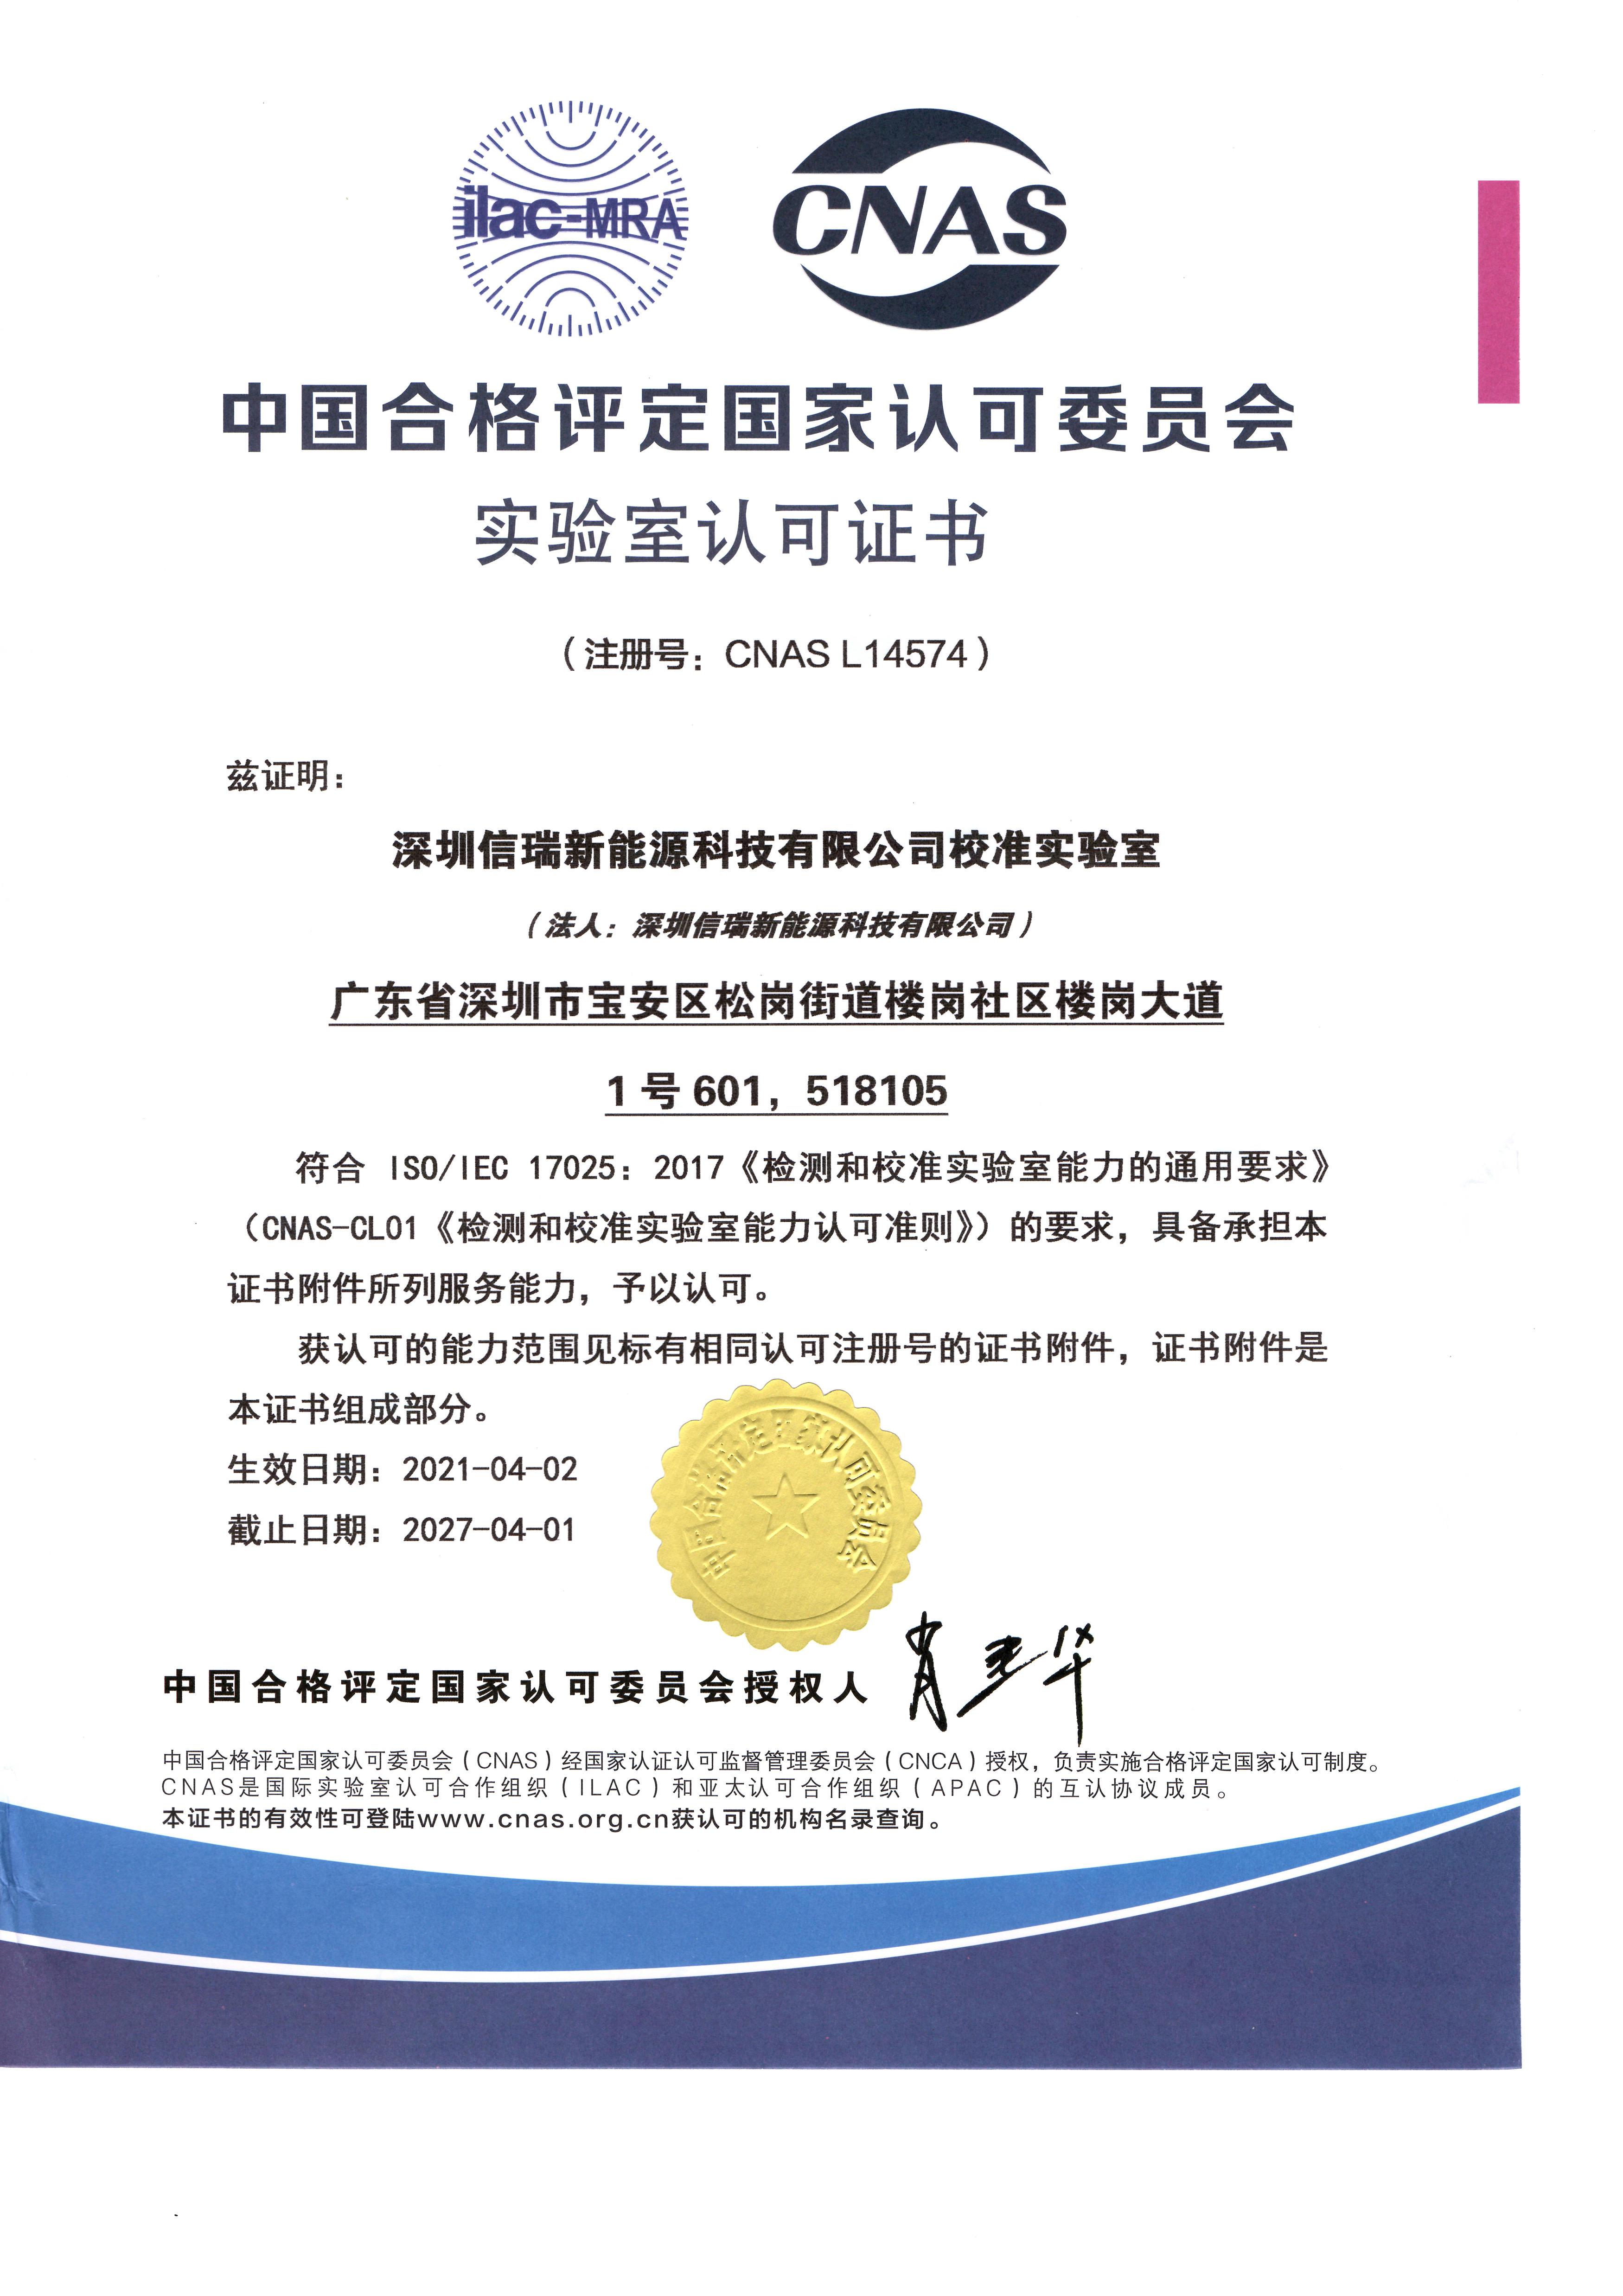 CNAS證書的取得說明信瑞具有從事認證、檢測和檢驗等活動的技術能力和管理能力。